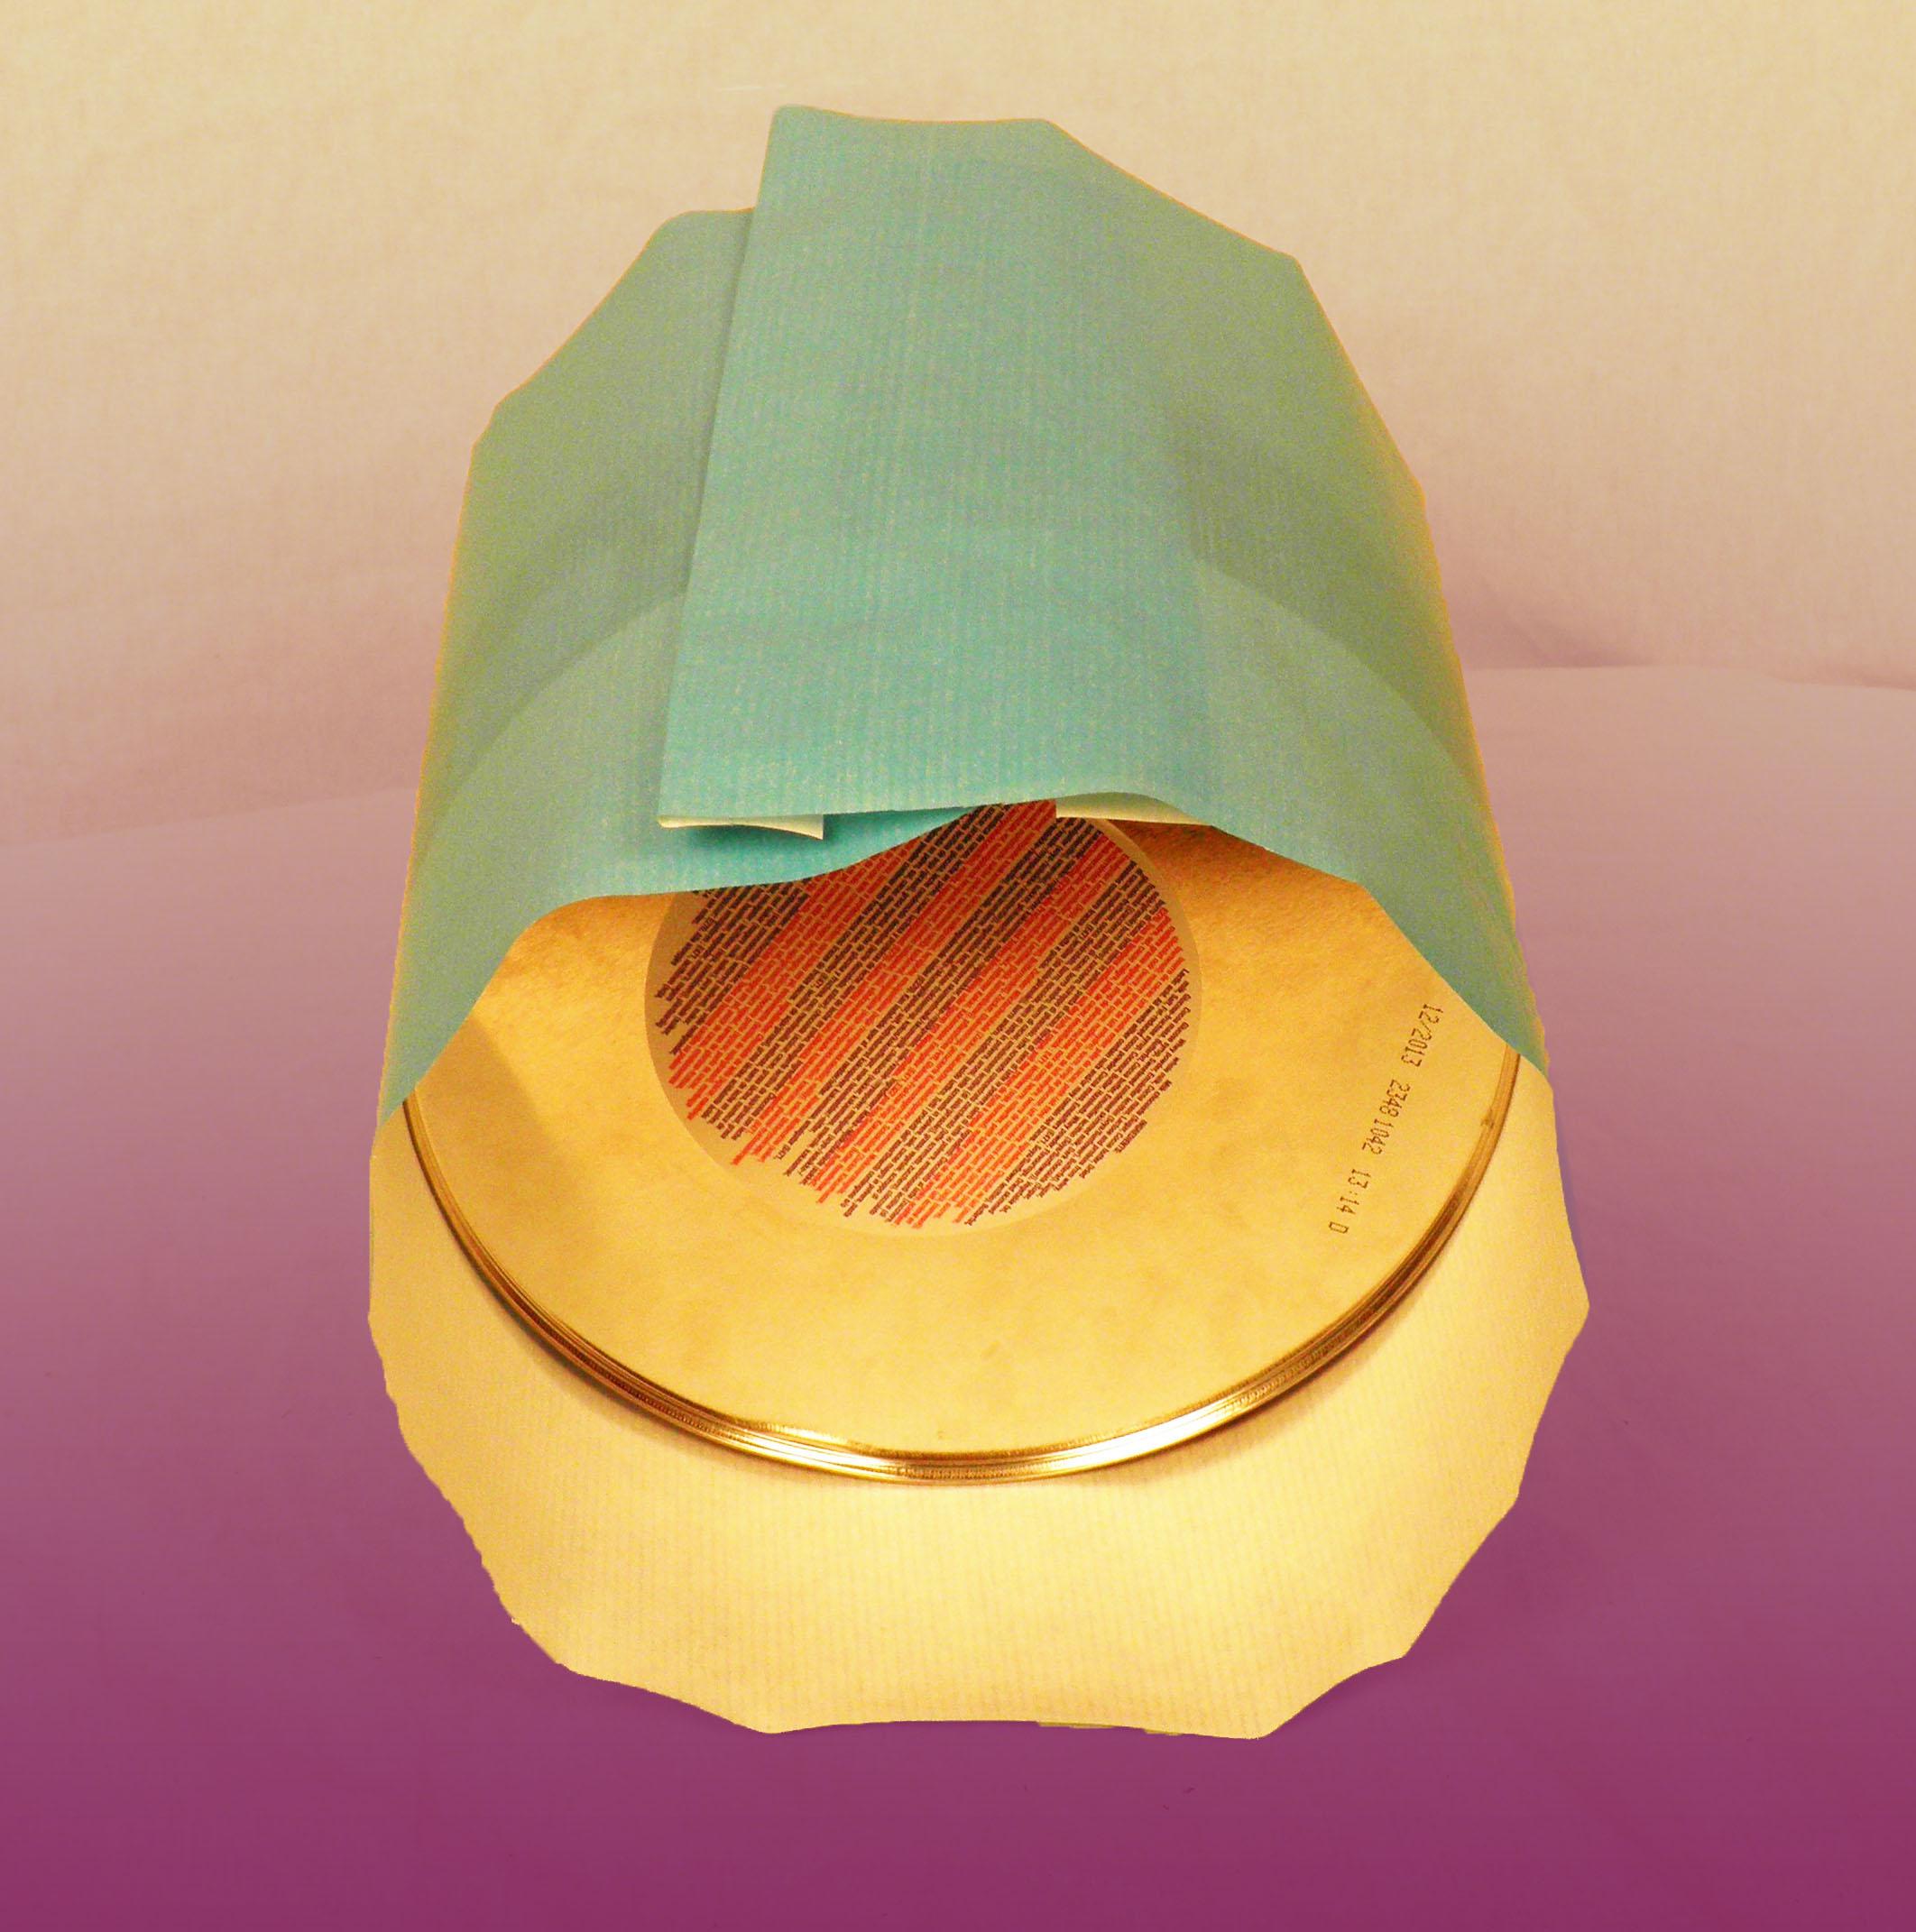 Comment faire un papier cadeau rond - Comment emballer un cadeau rond ...